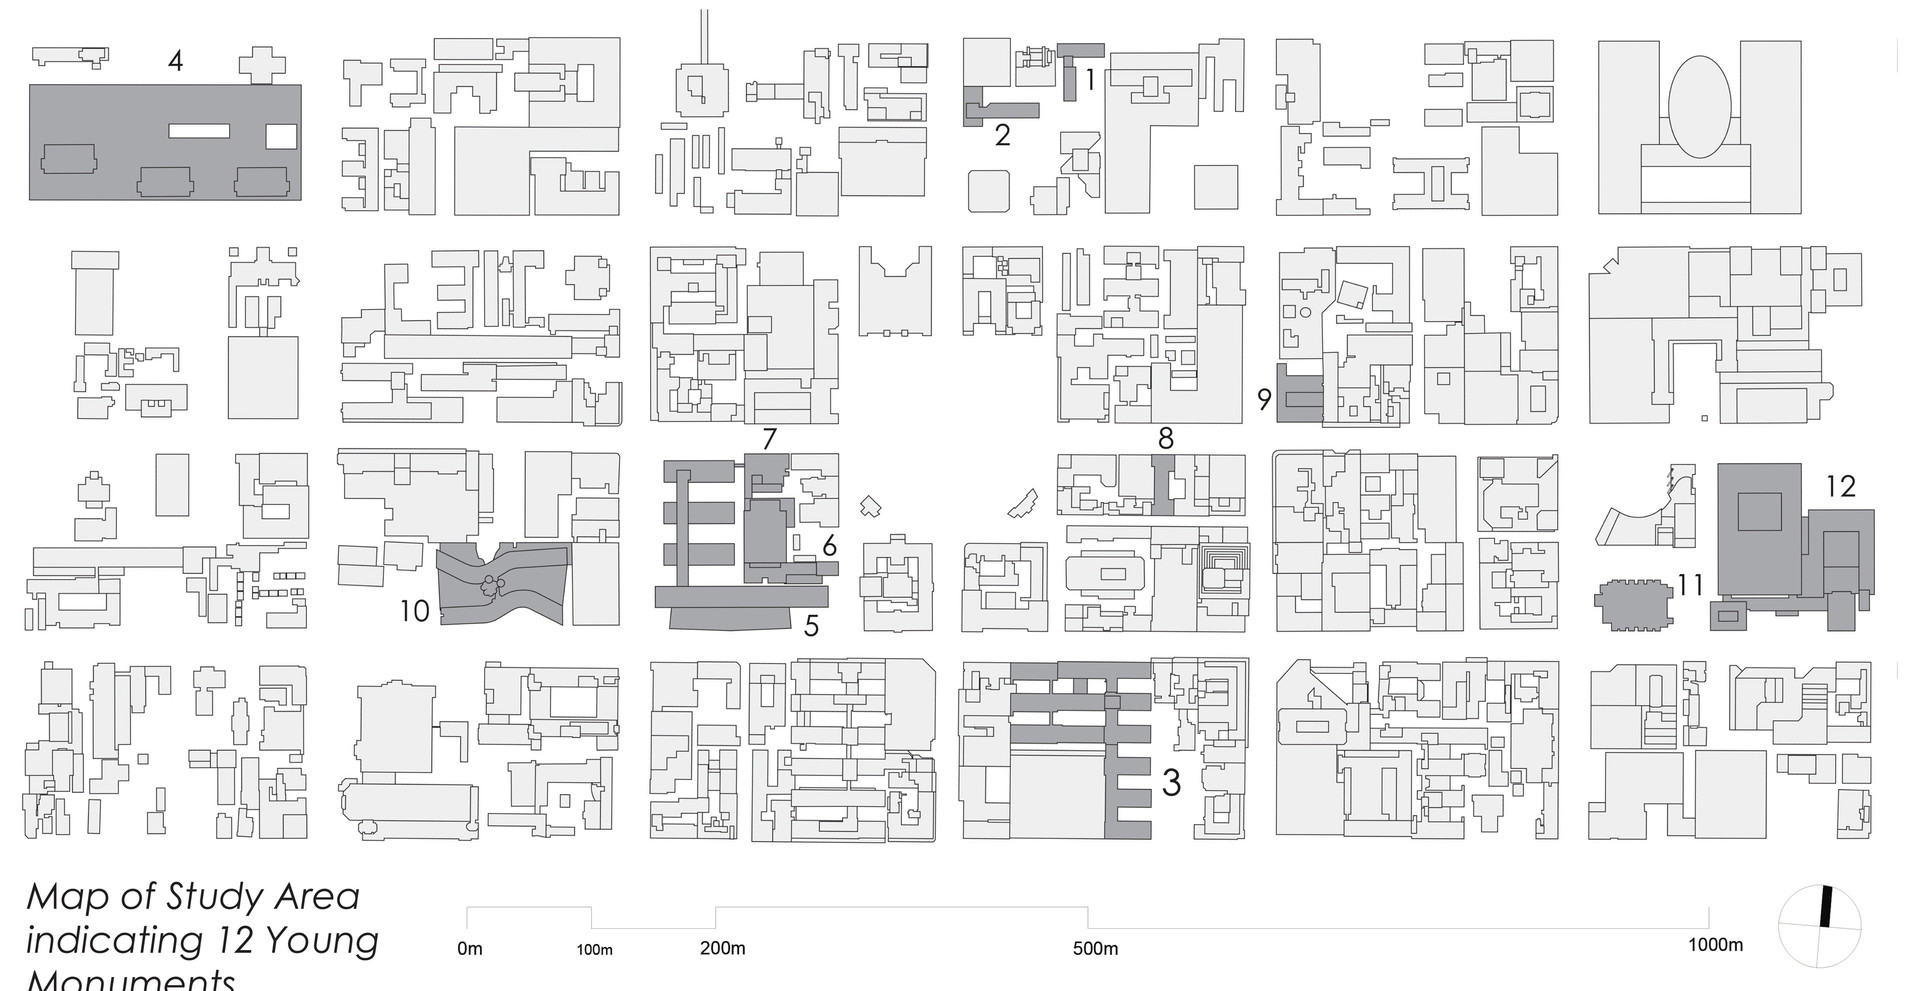 AZA Map_12 Monuments.jpg